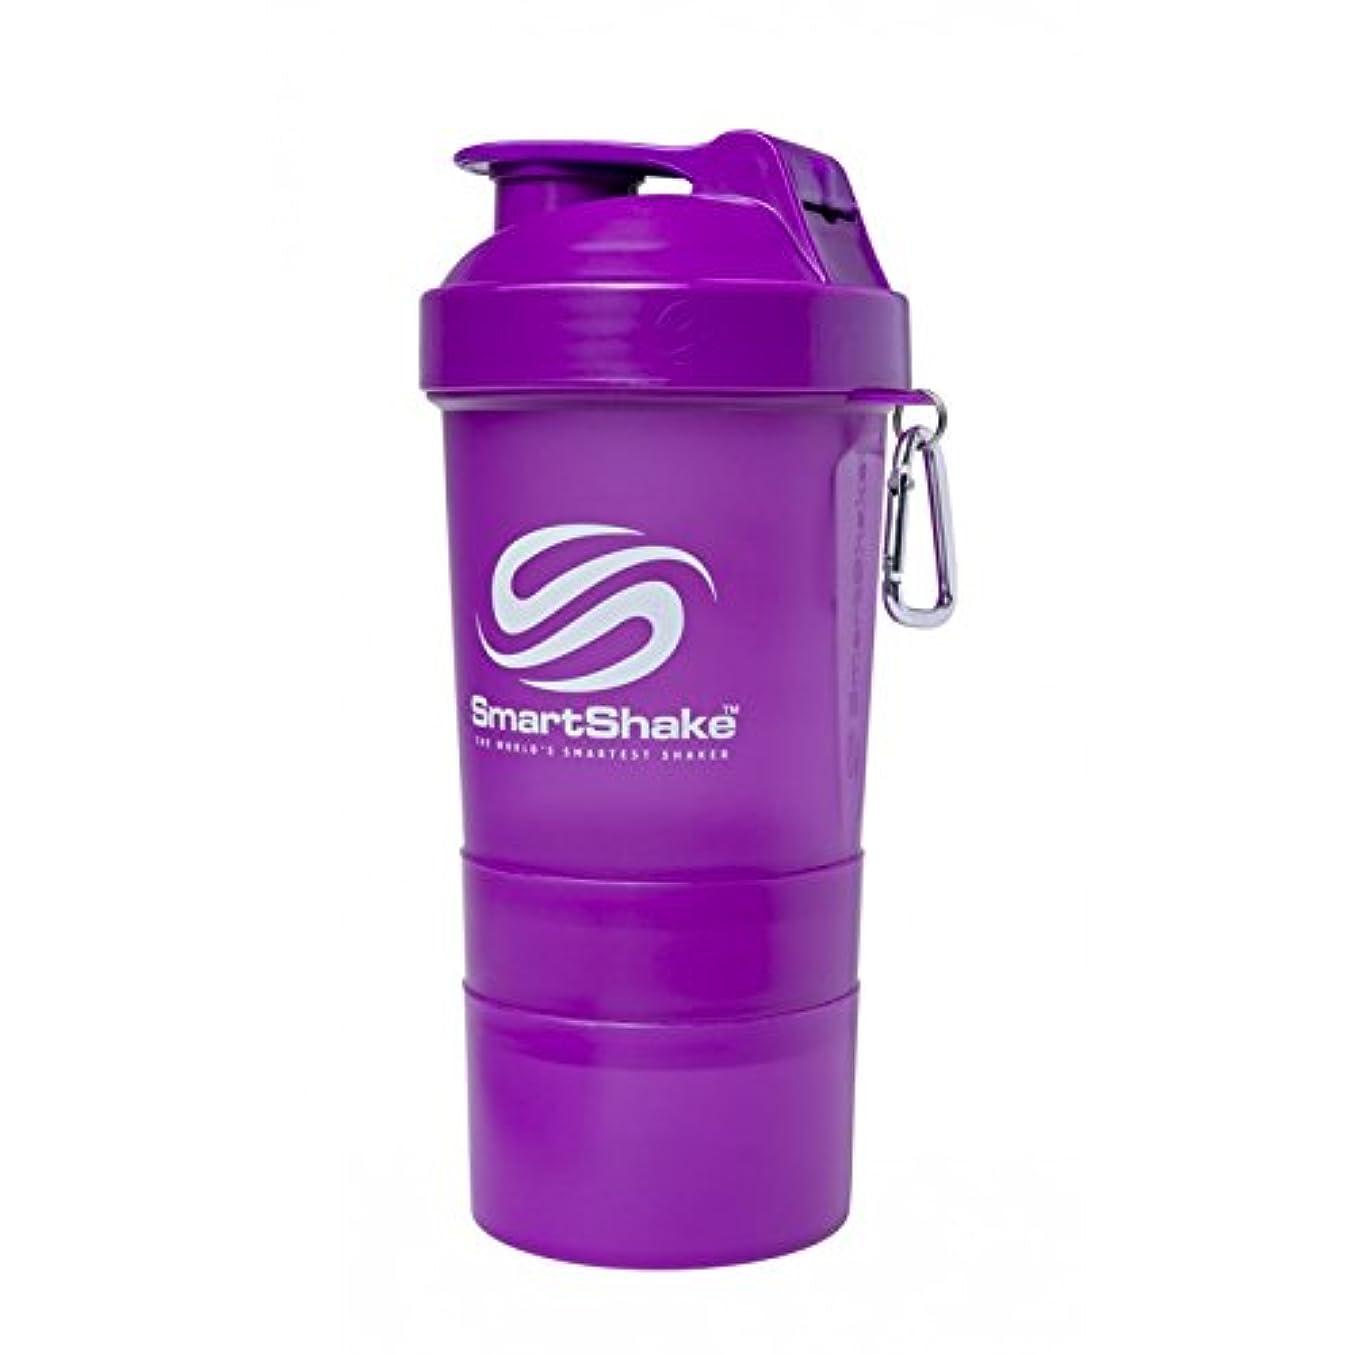 雨の学生判定SmartShake Original Shaker Cup, Neon Purple, 20 oz by smartshake